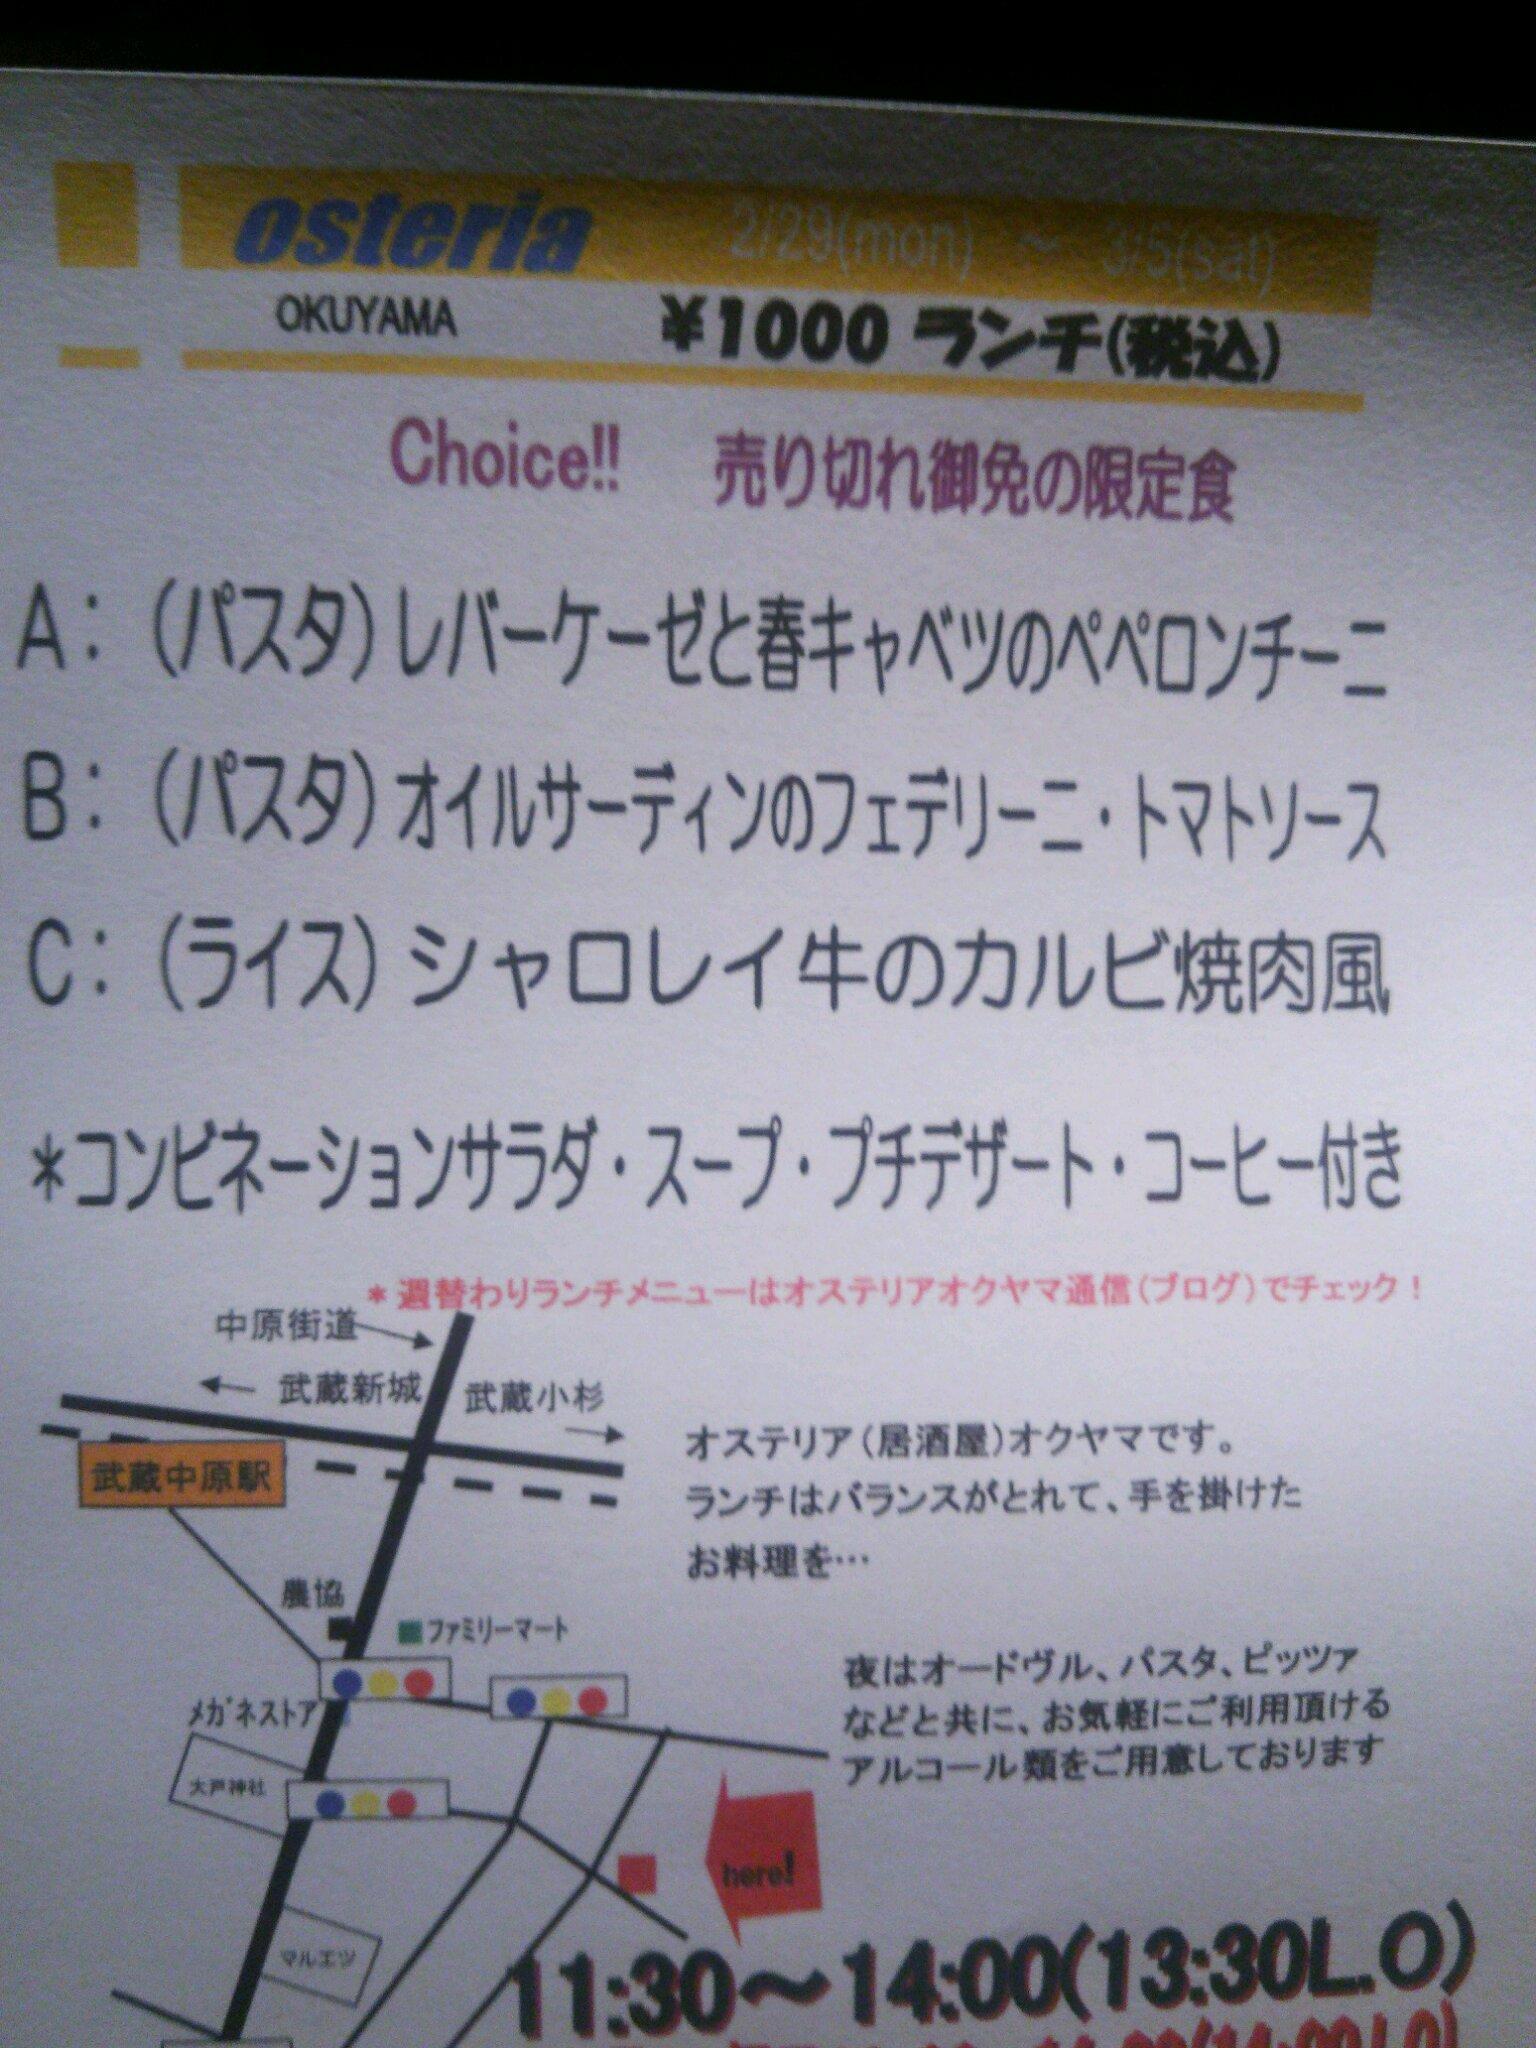 2/29(月)〜3/5(土)ランチ